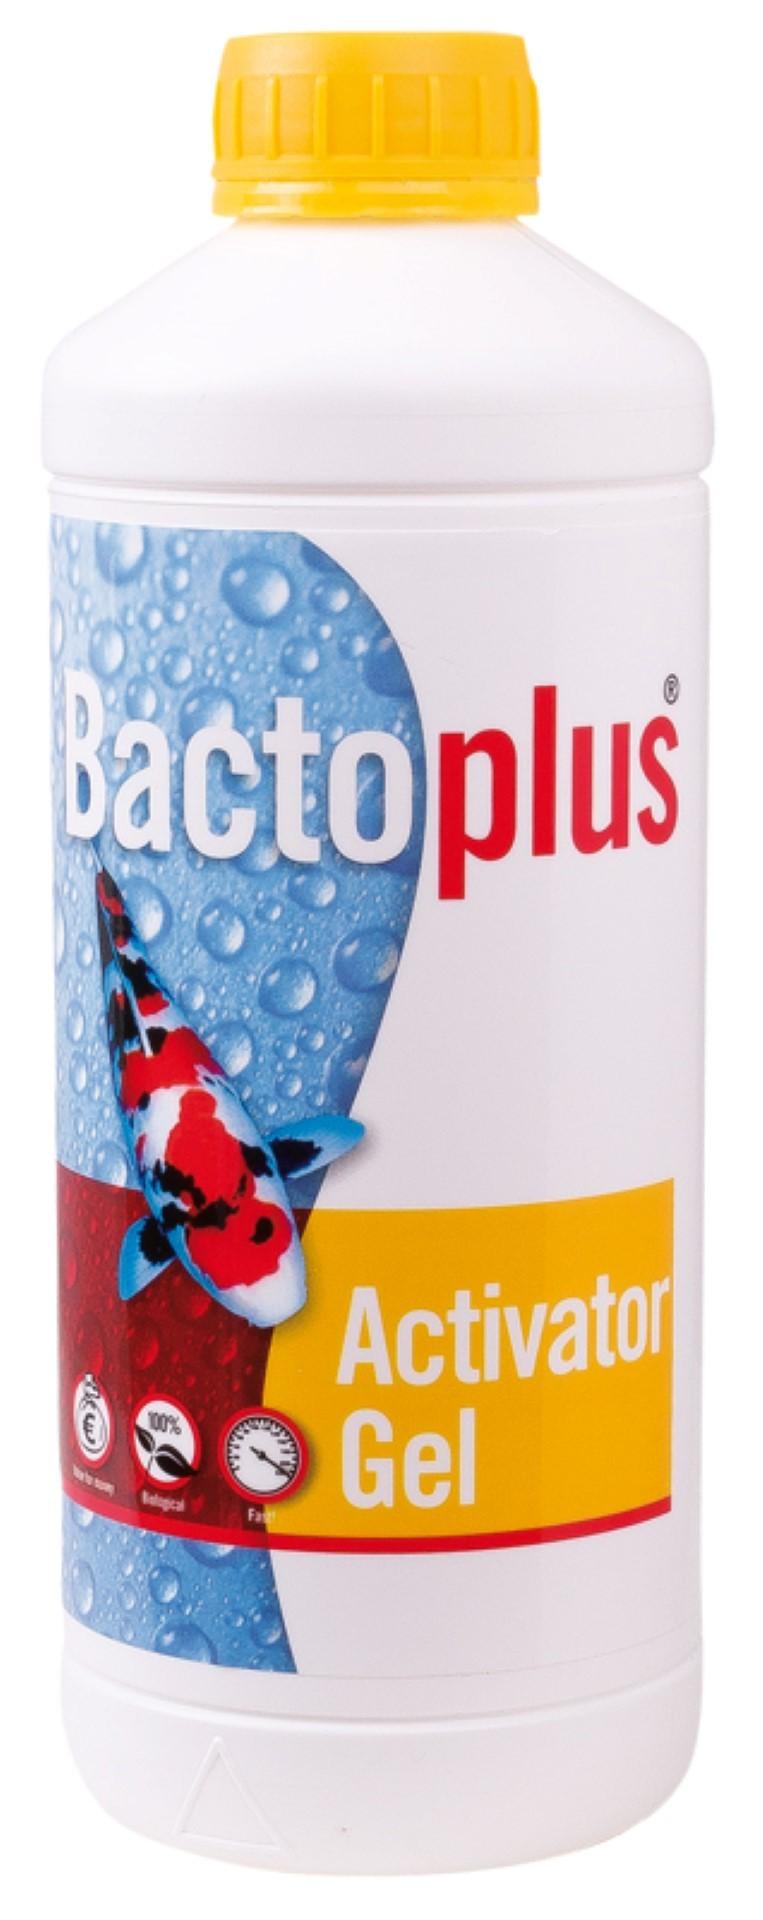 Bactoplus Activator Gel 1 Liter vijver